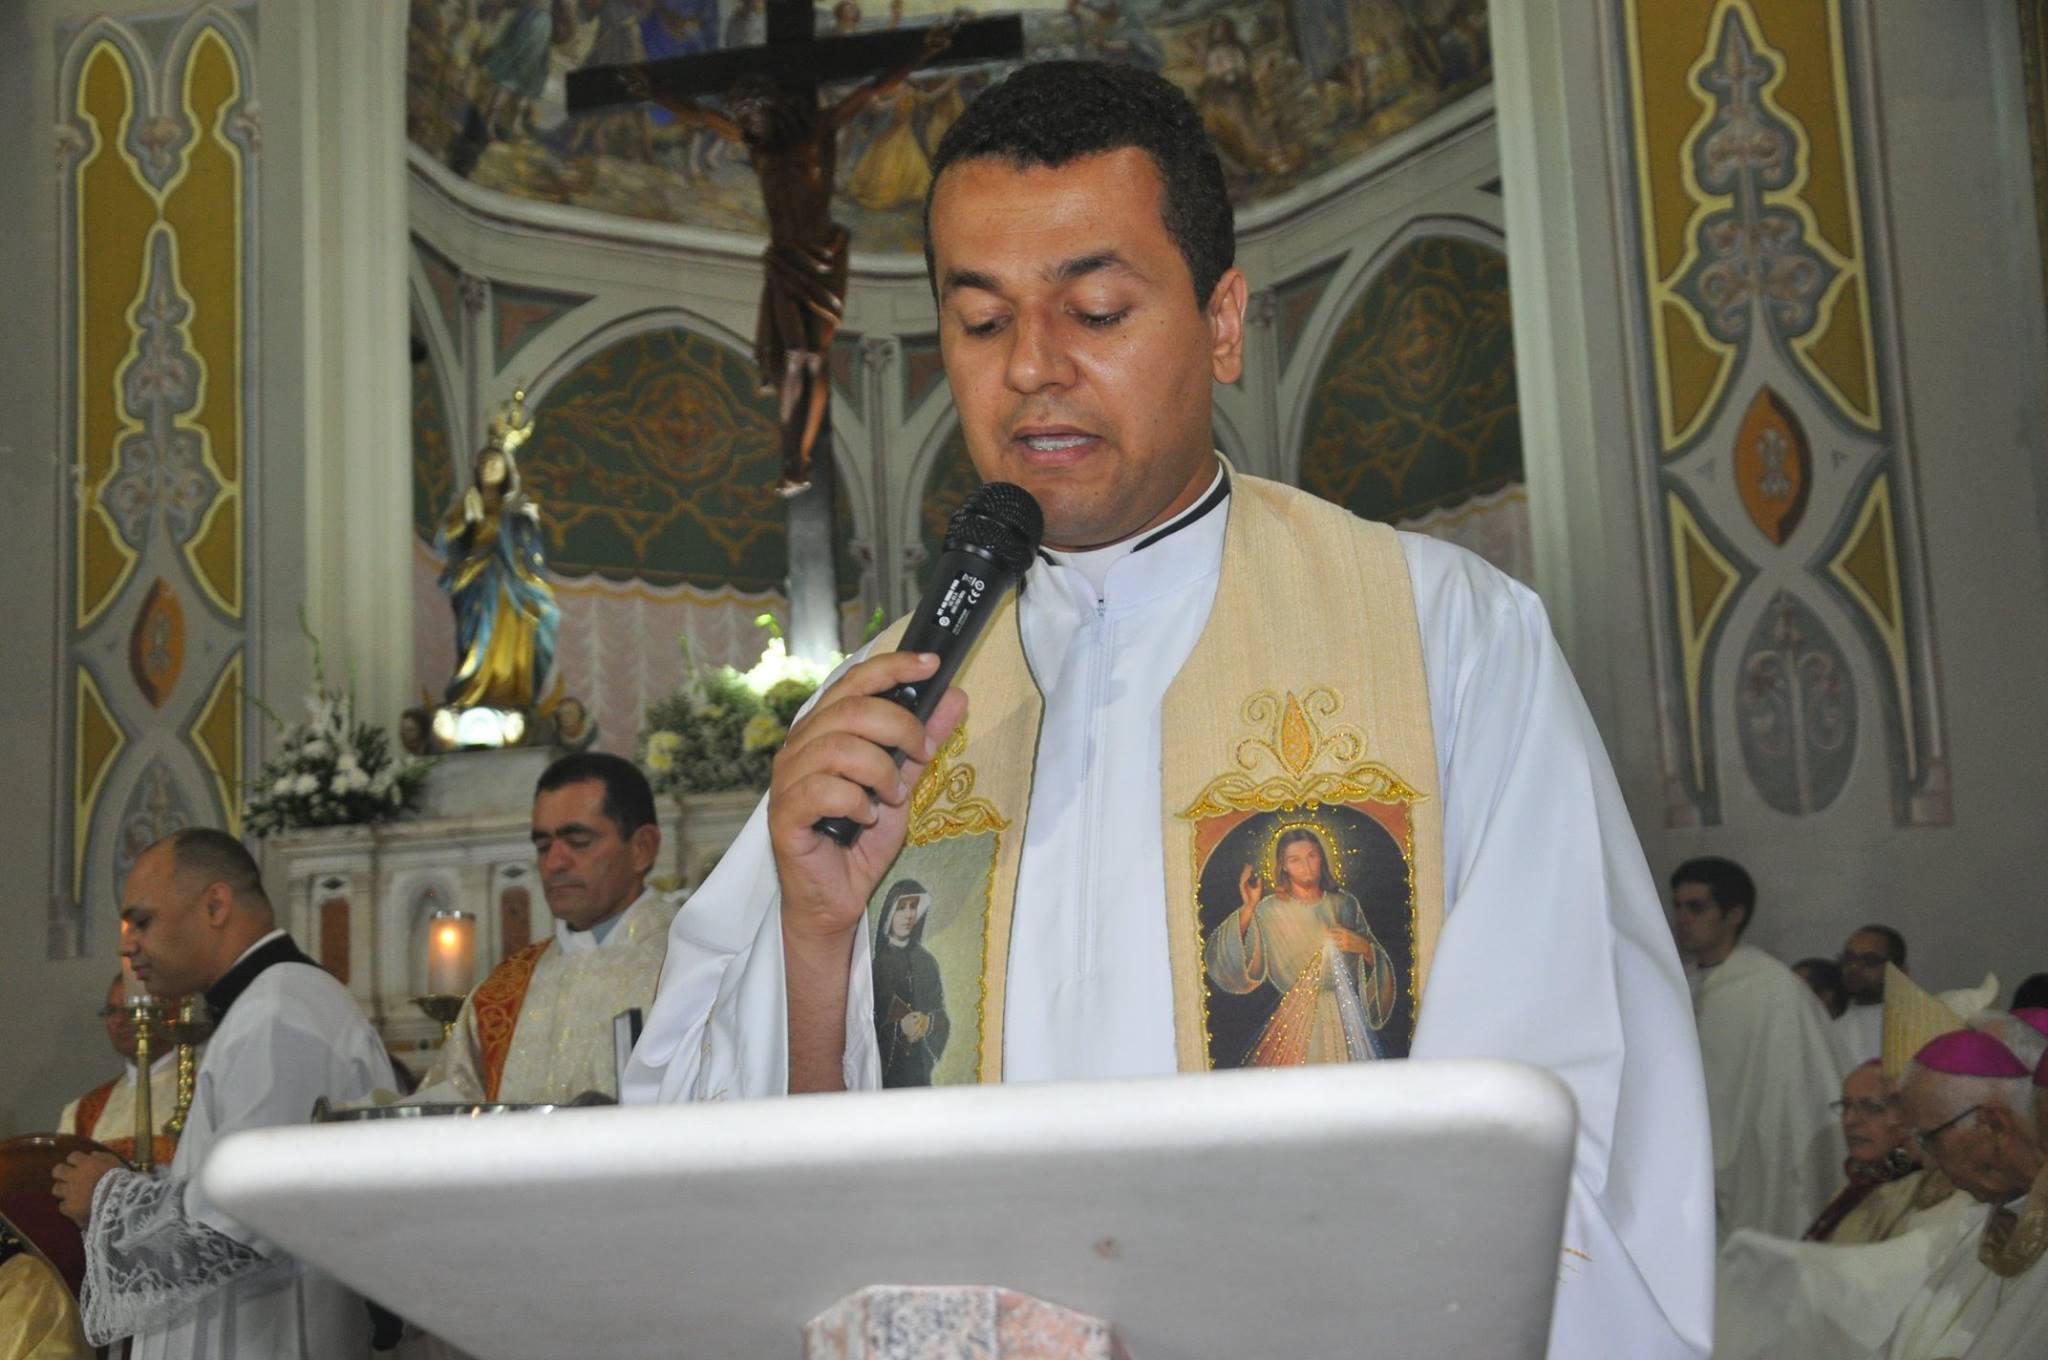 Adilson Siqueira Carvalho